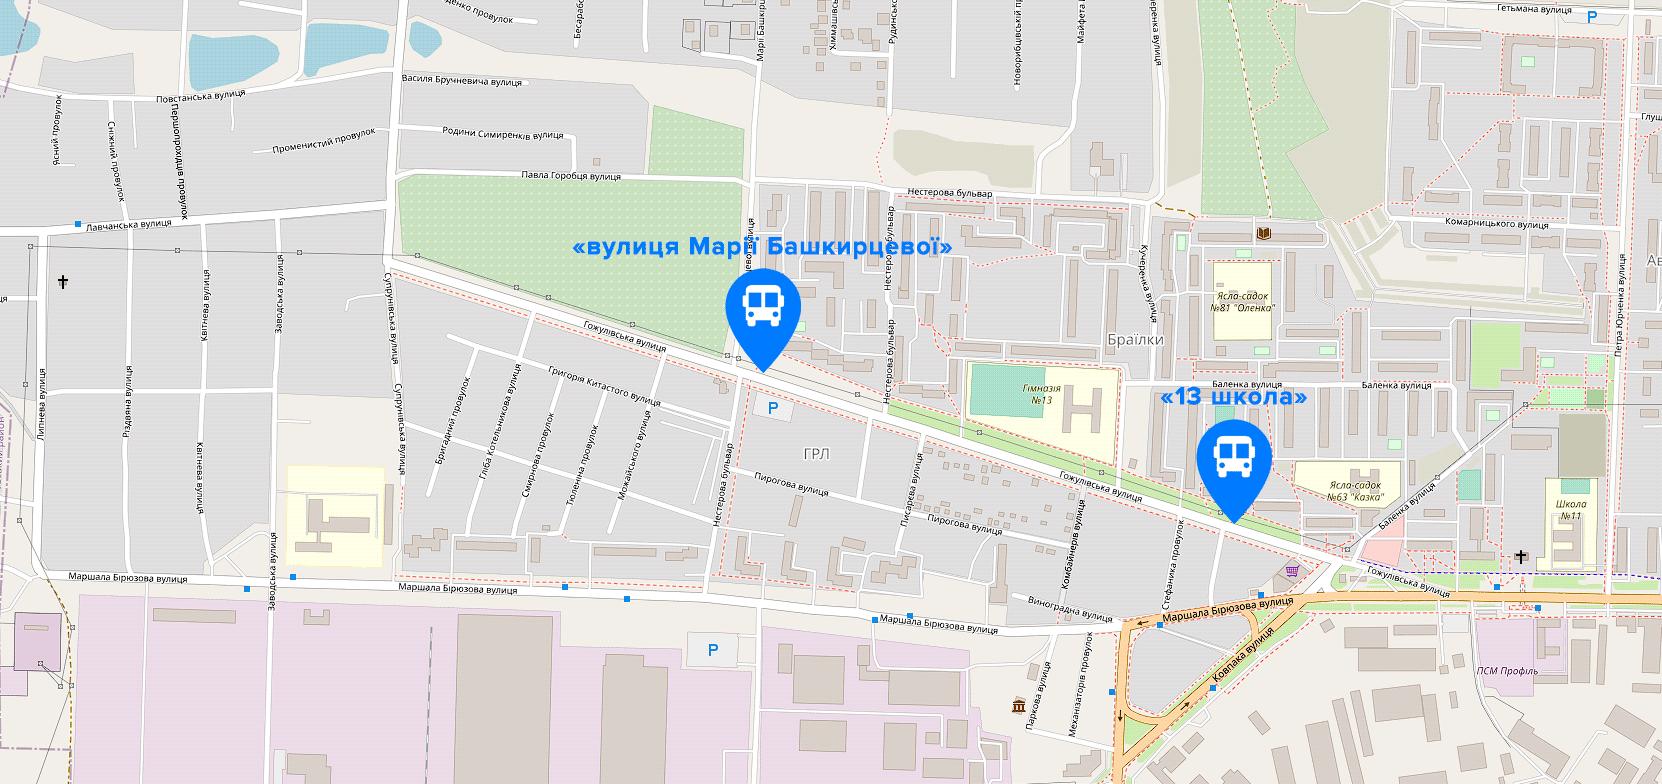 Розташування нових зупинок | Джерело: OpenStreetMap